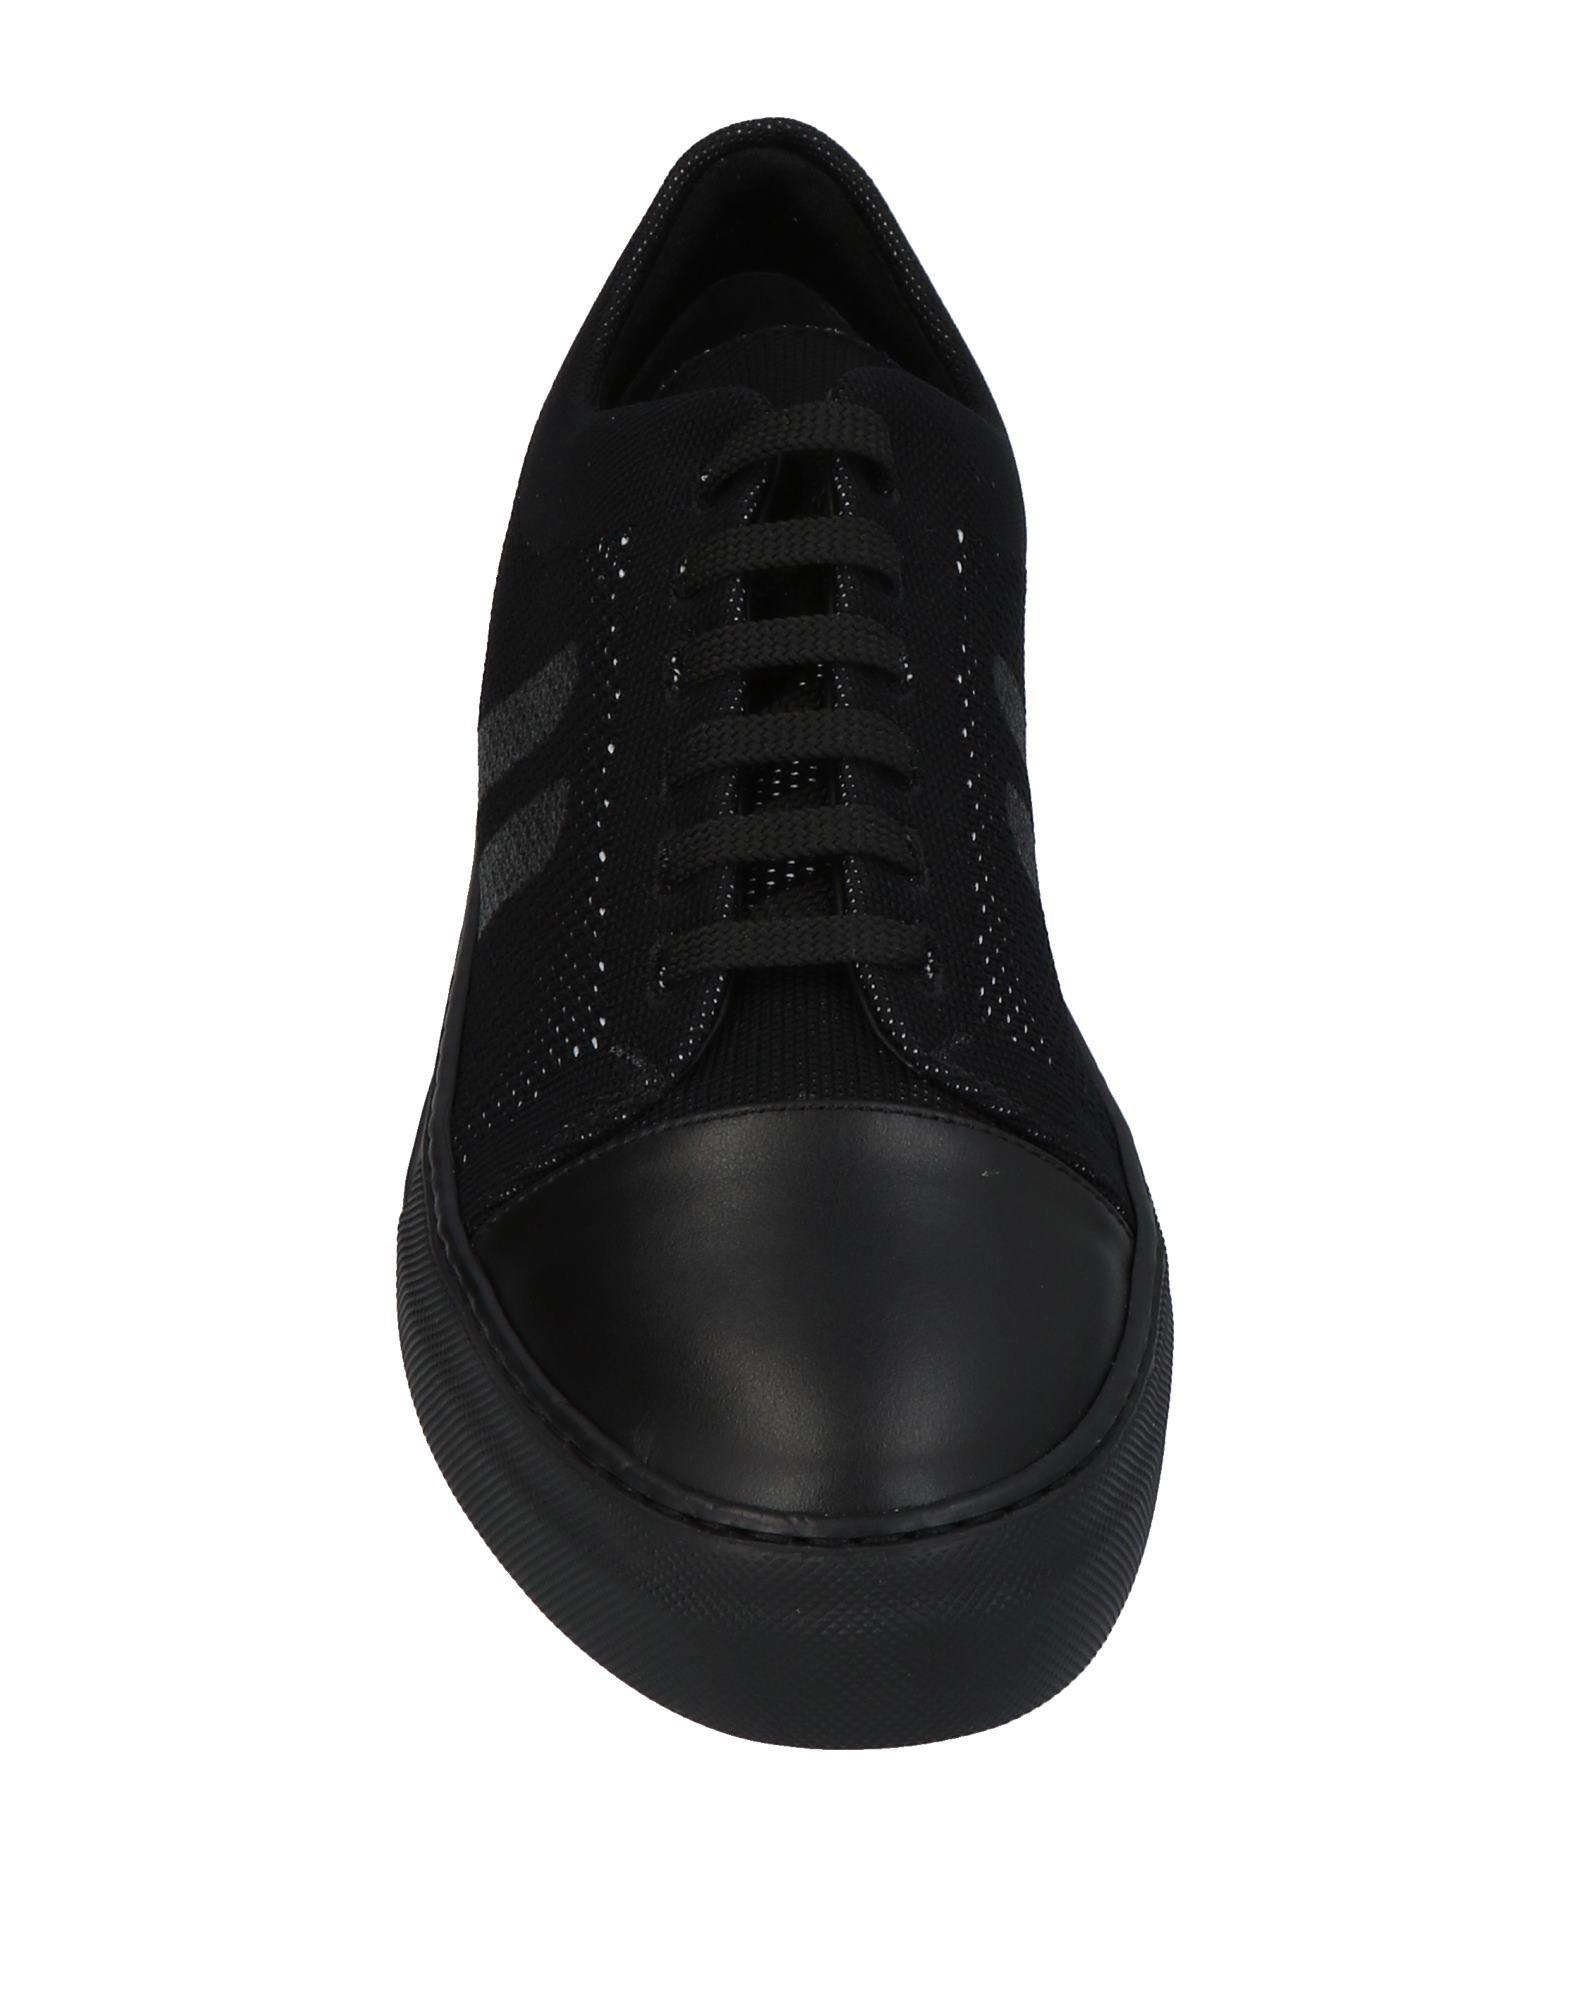 Neil Barrett Sneakers Herren  11441472CH Gute Qualität beliebte Schuhe